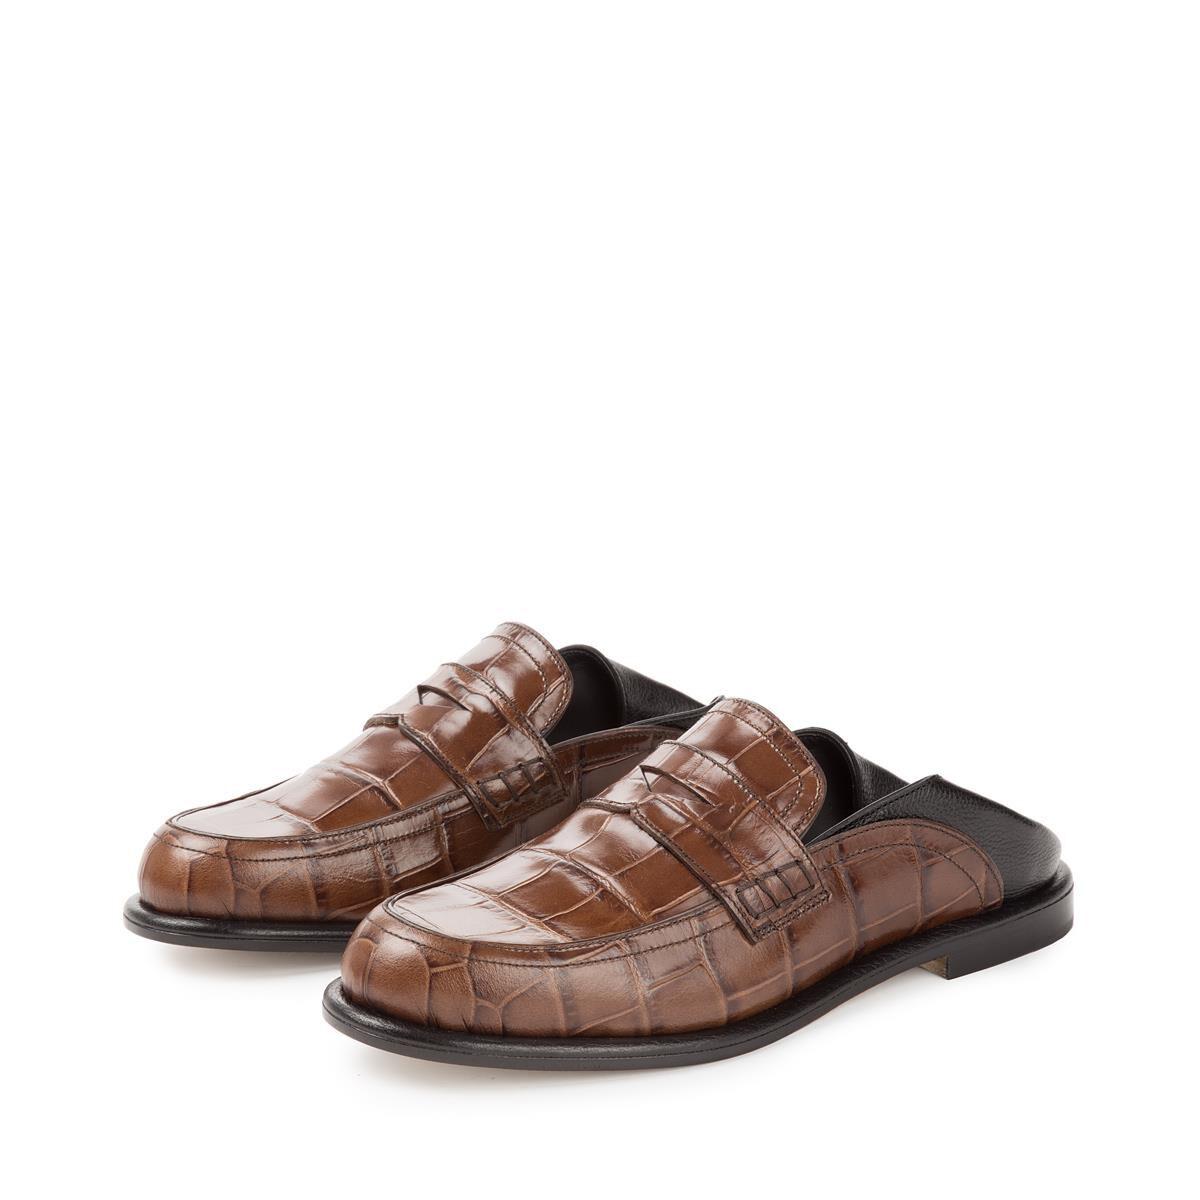 LOEWE Slip On Loafer Brown/Black all